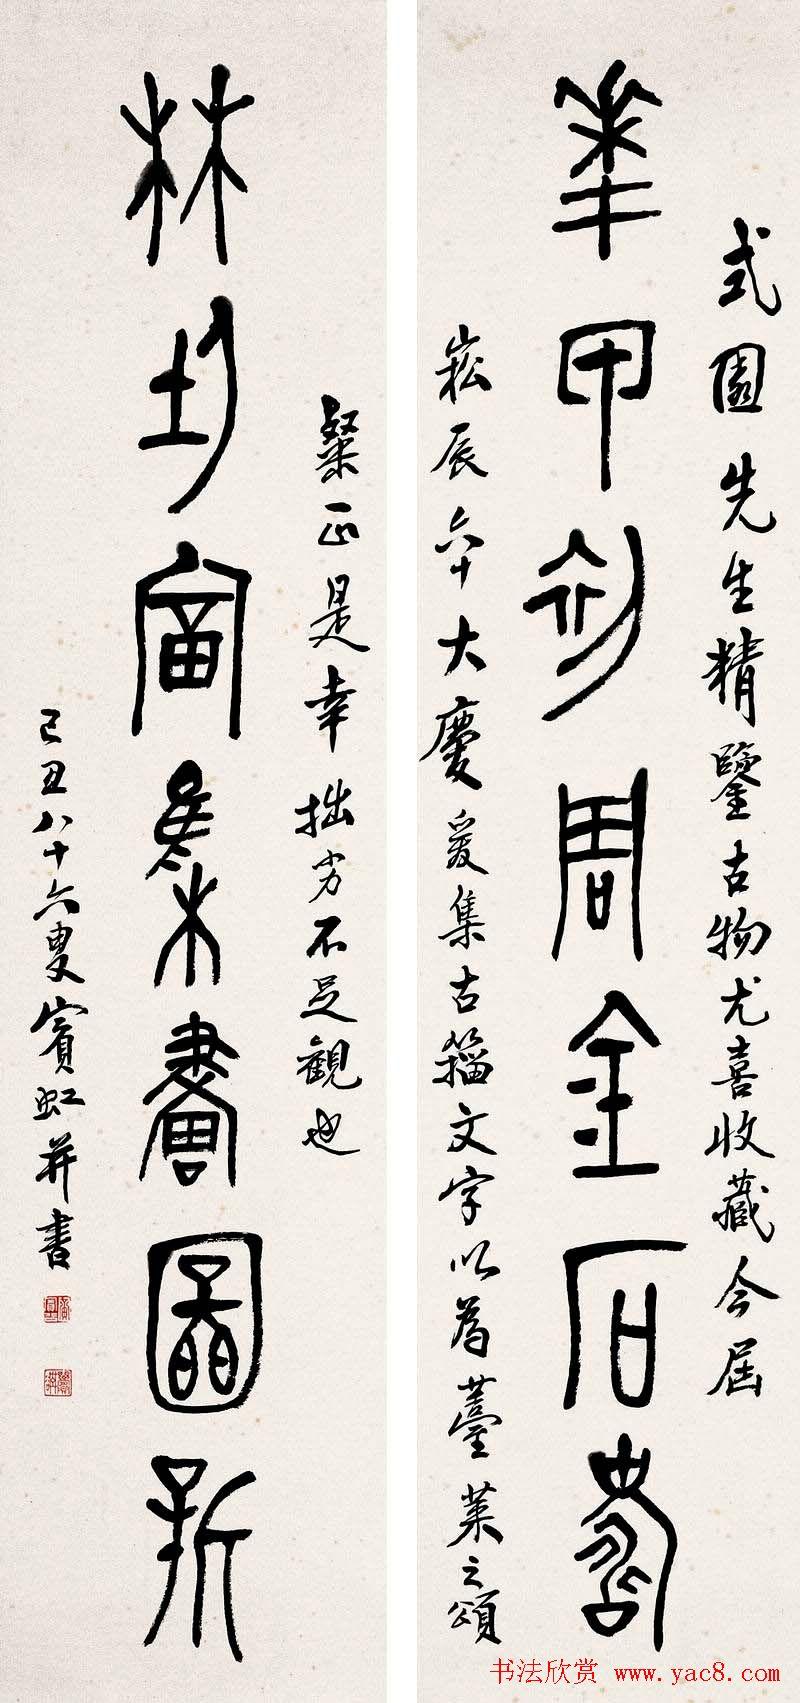 黄宾虹篆书作品对联欣赏 第9页 毛笔书法 书法欣赏图片